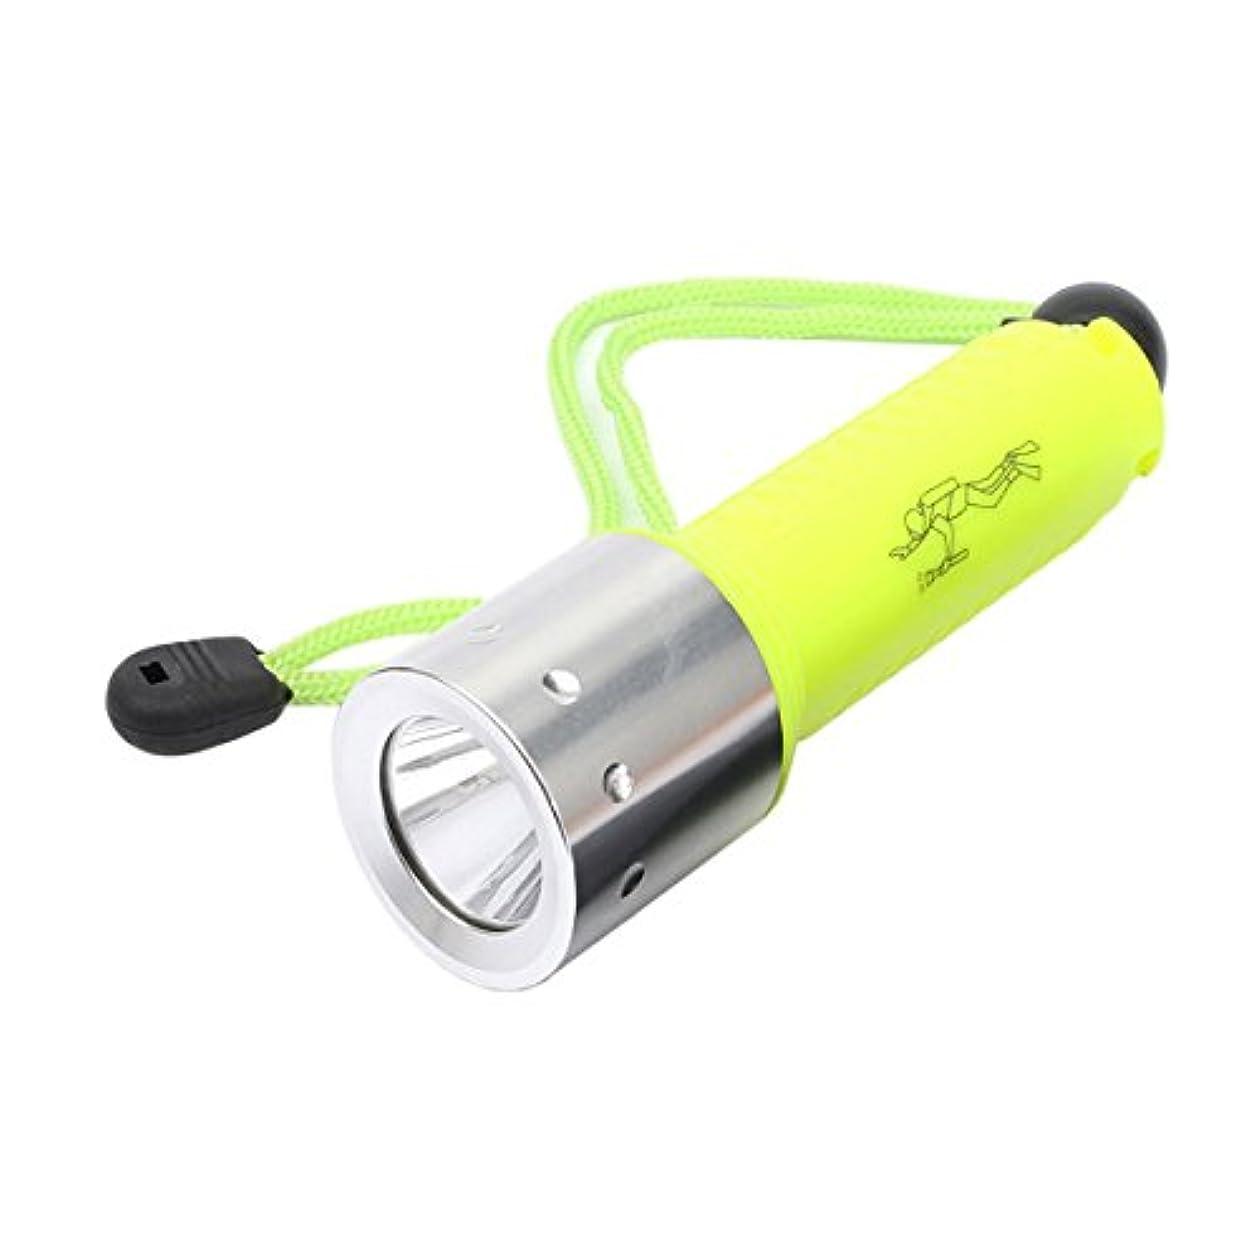 ロケーション起こる甘くするSODIAL フラッシュライト懐中電灯 ランプライト アンダーウォーター水中 x M-L T6 LED 4000LM ウォータープルーフ防水ダイビングトーチ、蛍光グリーンカラー